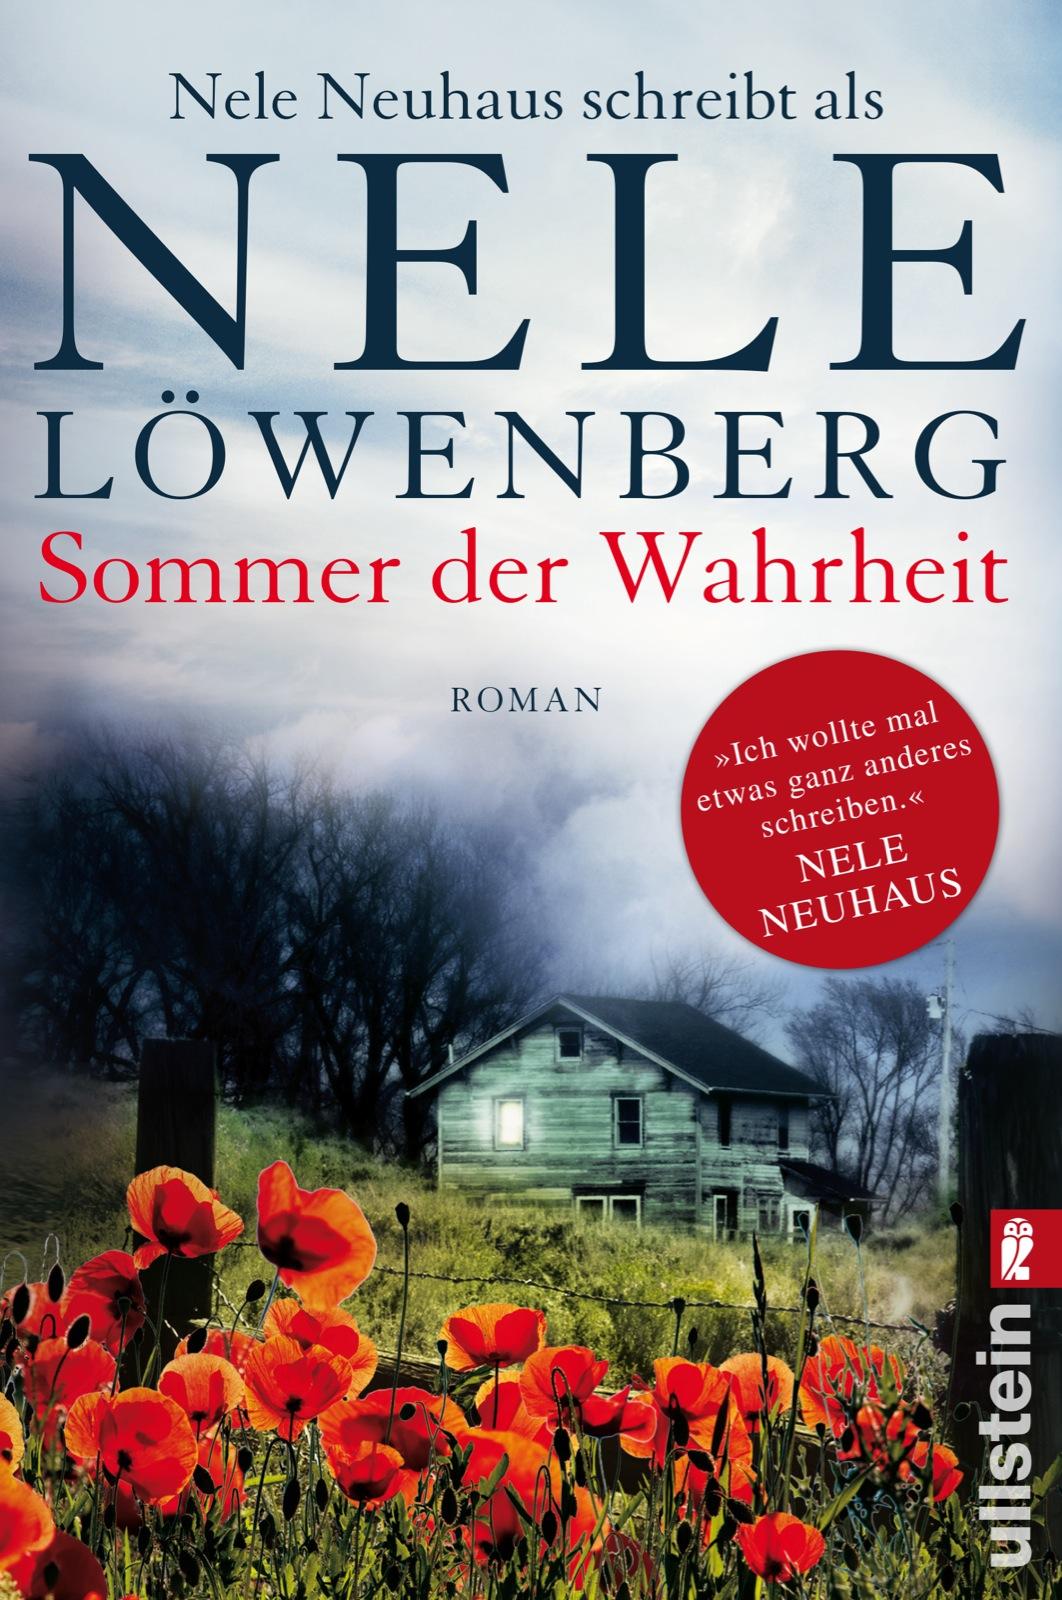 Sommer der Wahrheit - Nele Löwenberg [Broschiert]